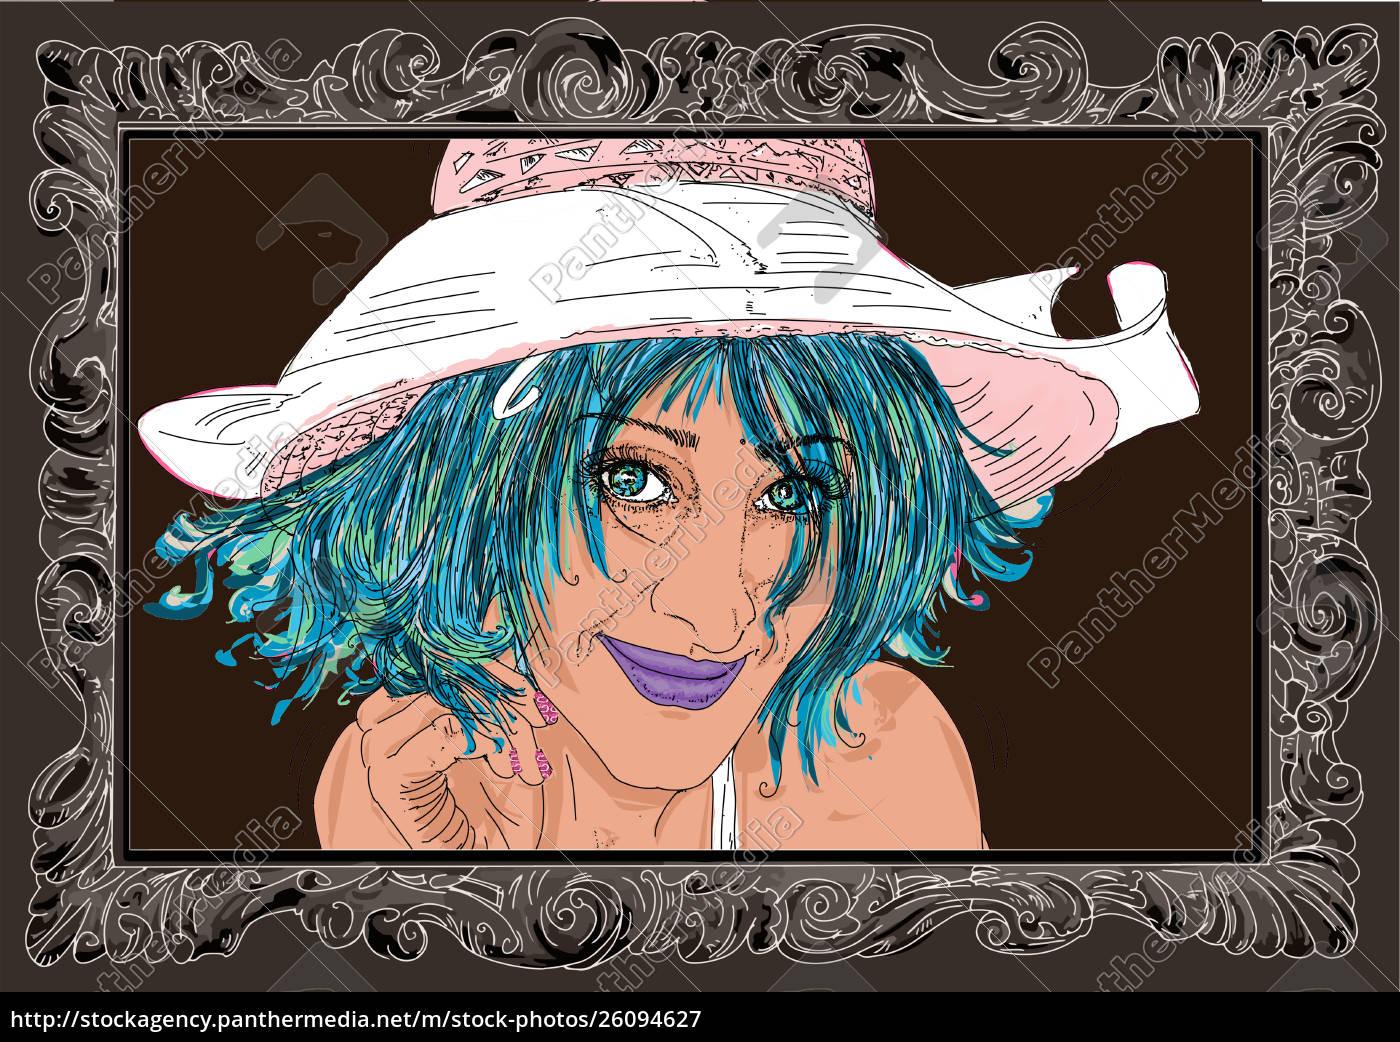 , mujer, erótica, refinada, y, sensual, línea - 26094627